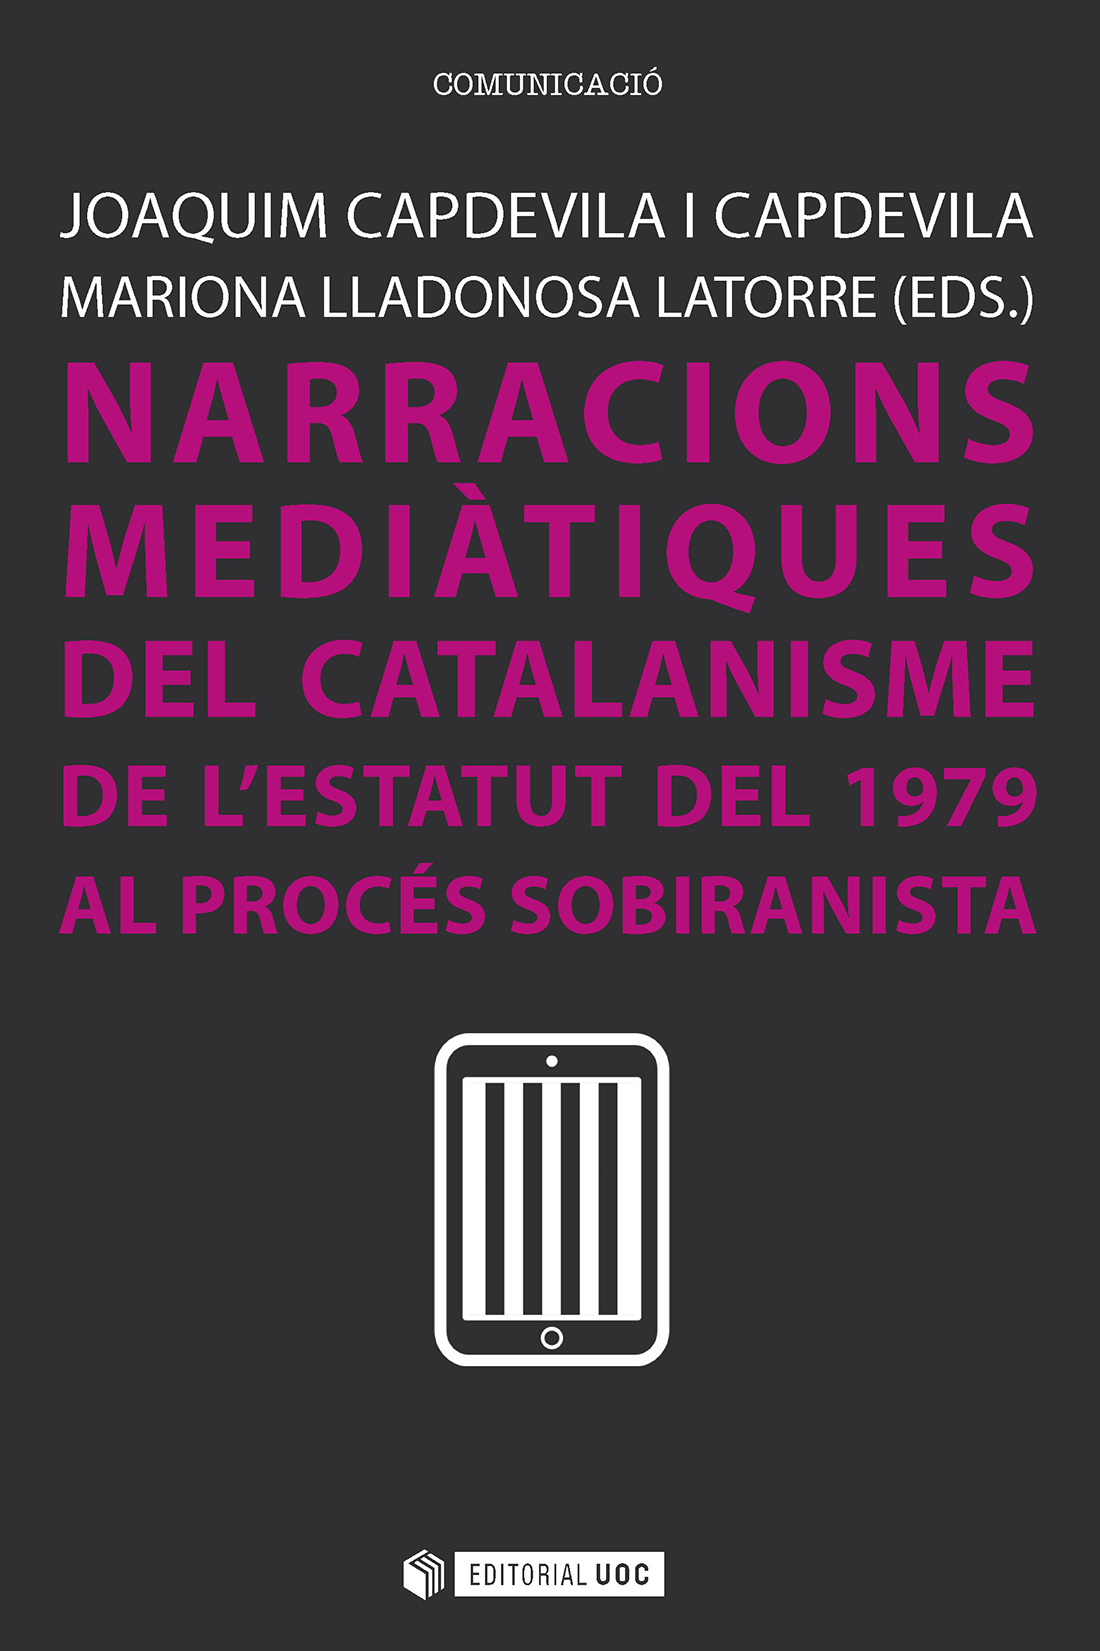 Listado novabus narracions meditiques del catalanisme de lestatut del 1979 al procs sobiranista ao 2016 libro e malvernweather Choice Image